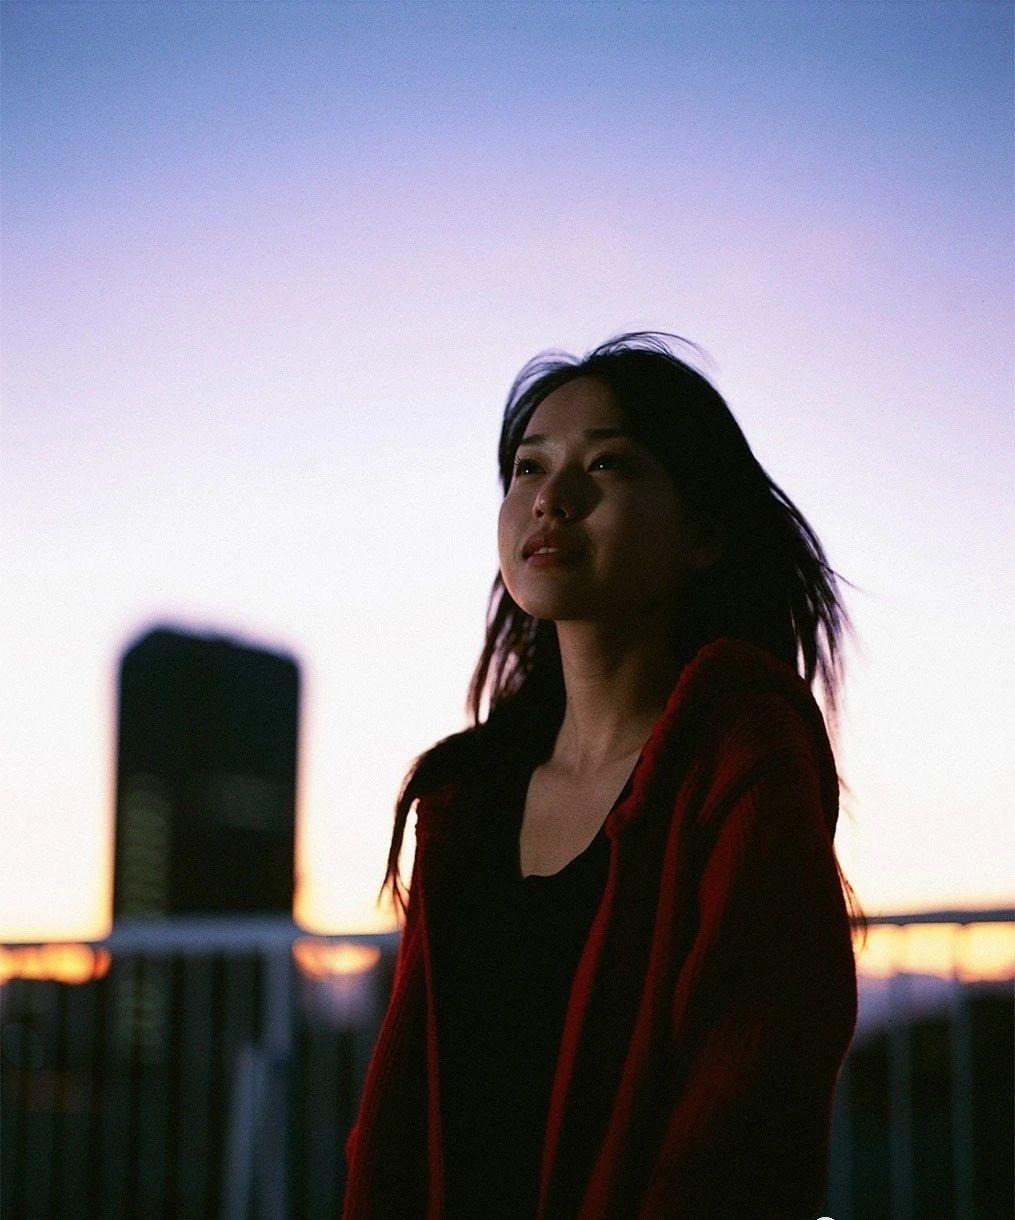 美的不可方物少女时代的户田惠梨香写真作品 (21)